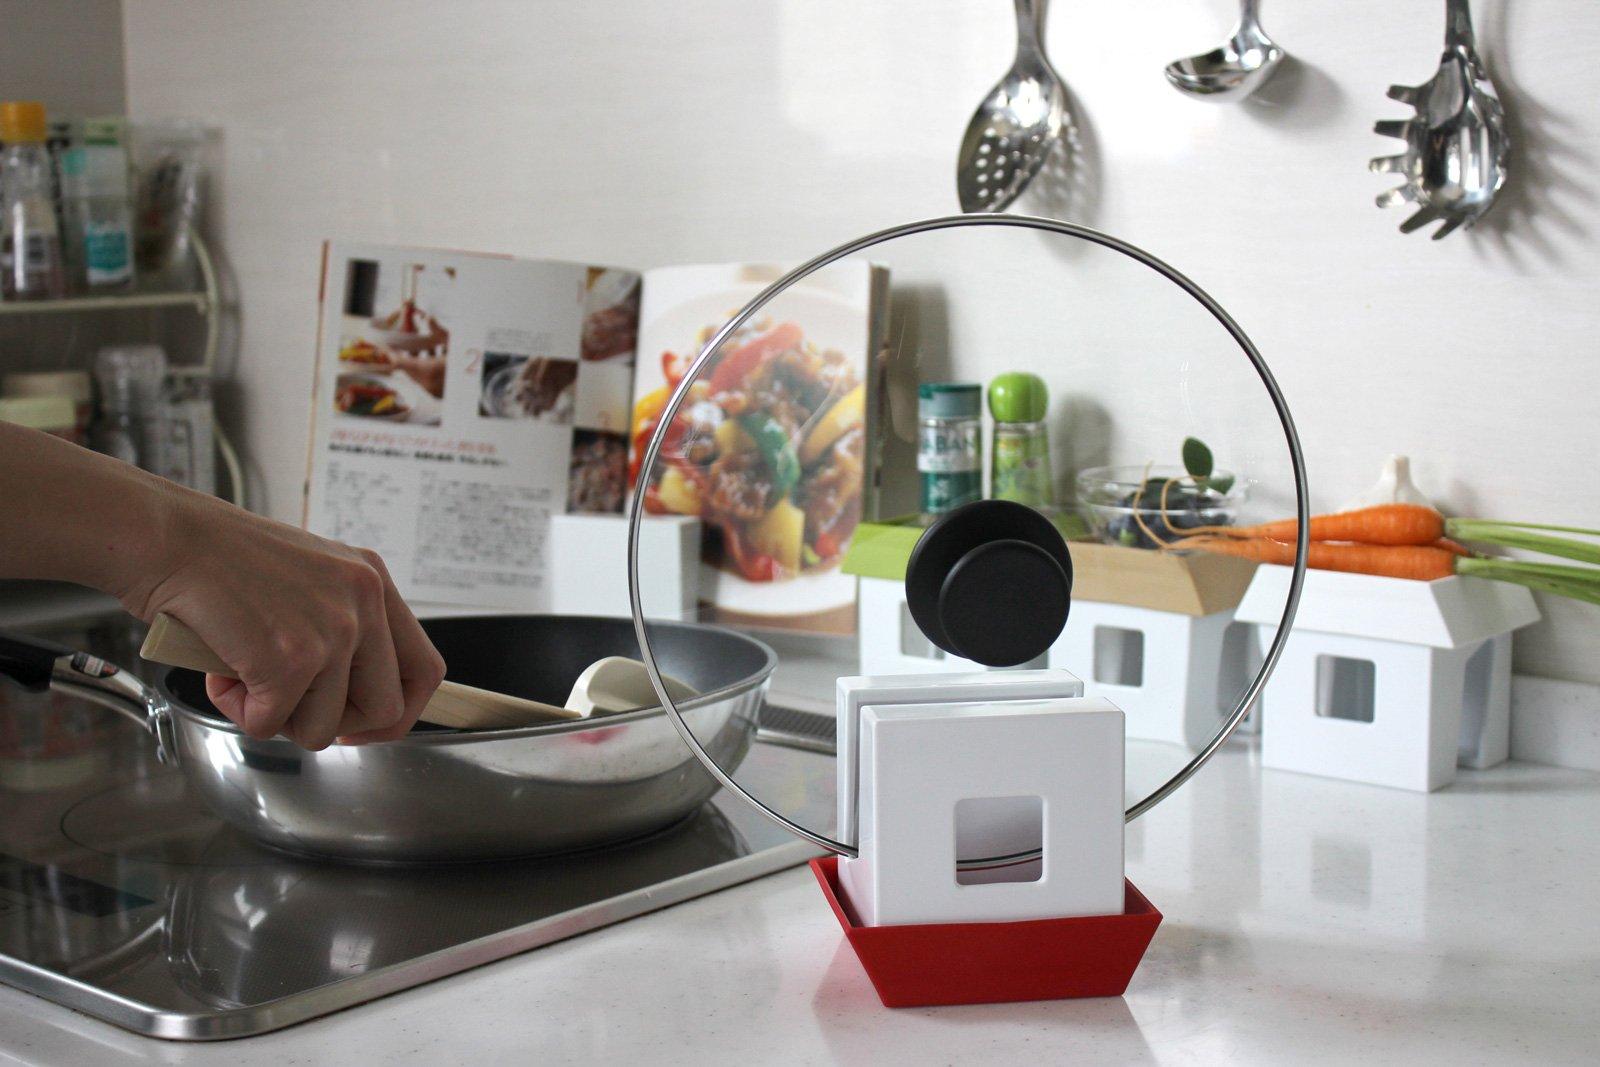 Pi funzionalit in cucina con gli attrezzi giusti cose for Attrezzi cucina in silicone